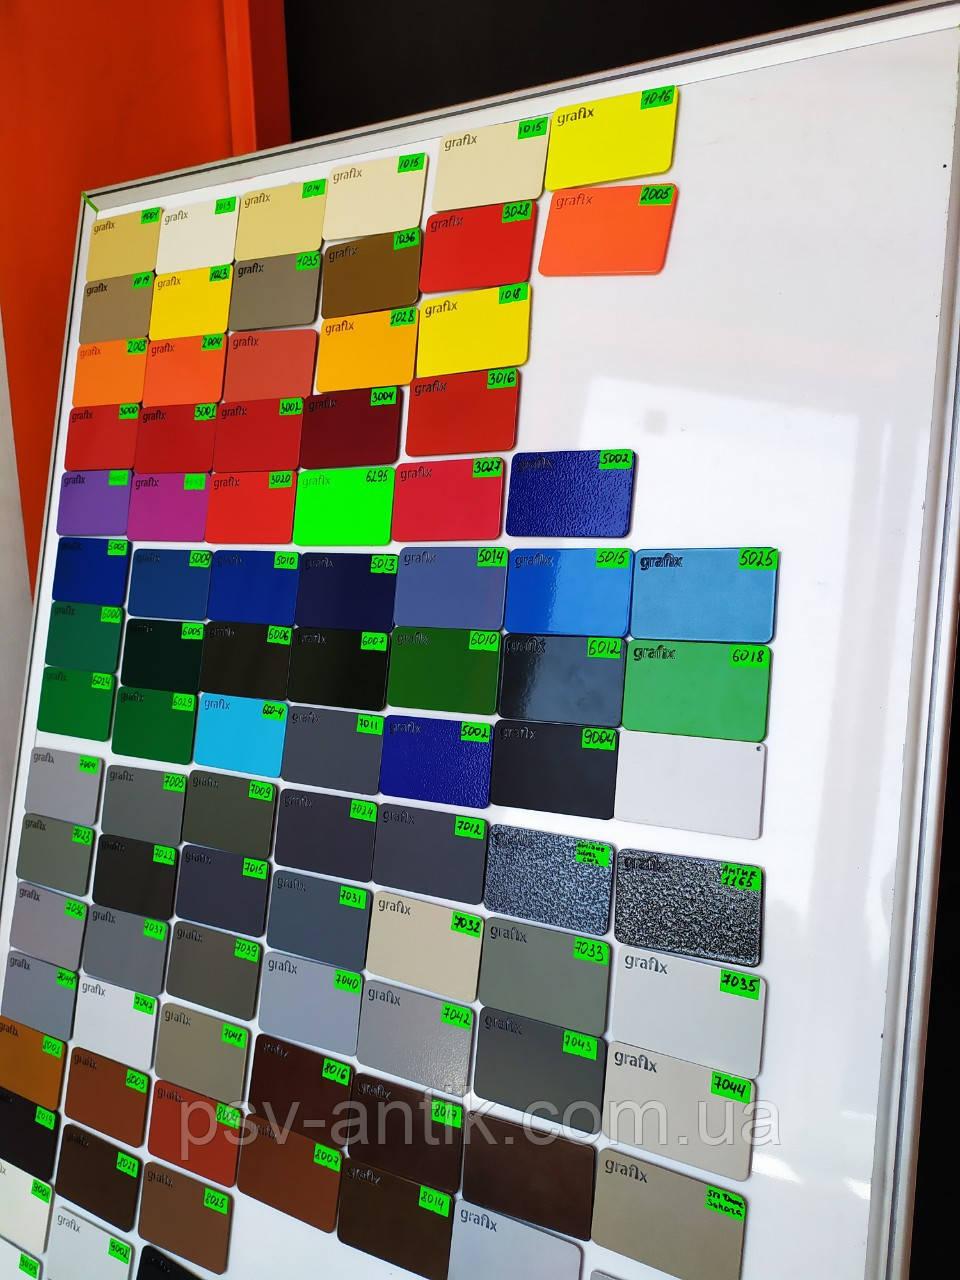 Порошковая краска структурная, полиэфирная, архитектурная, 3005